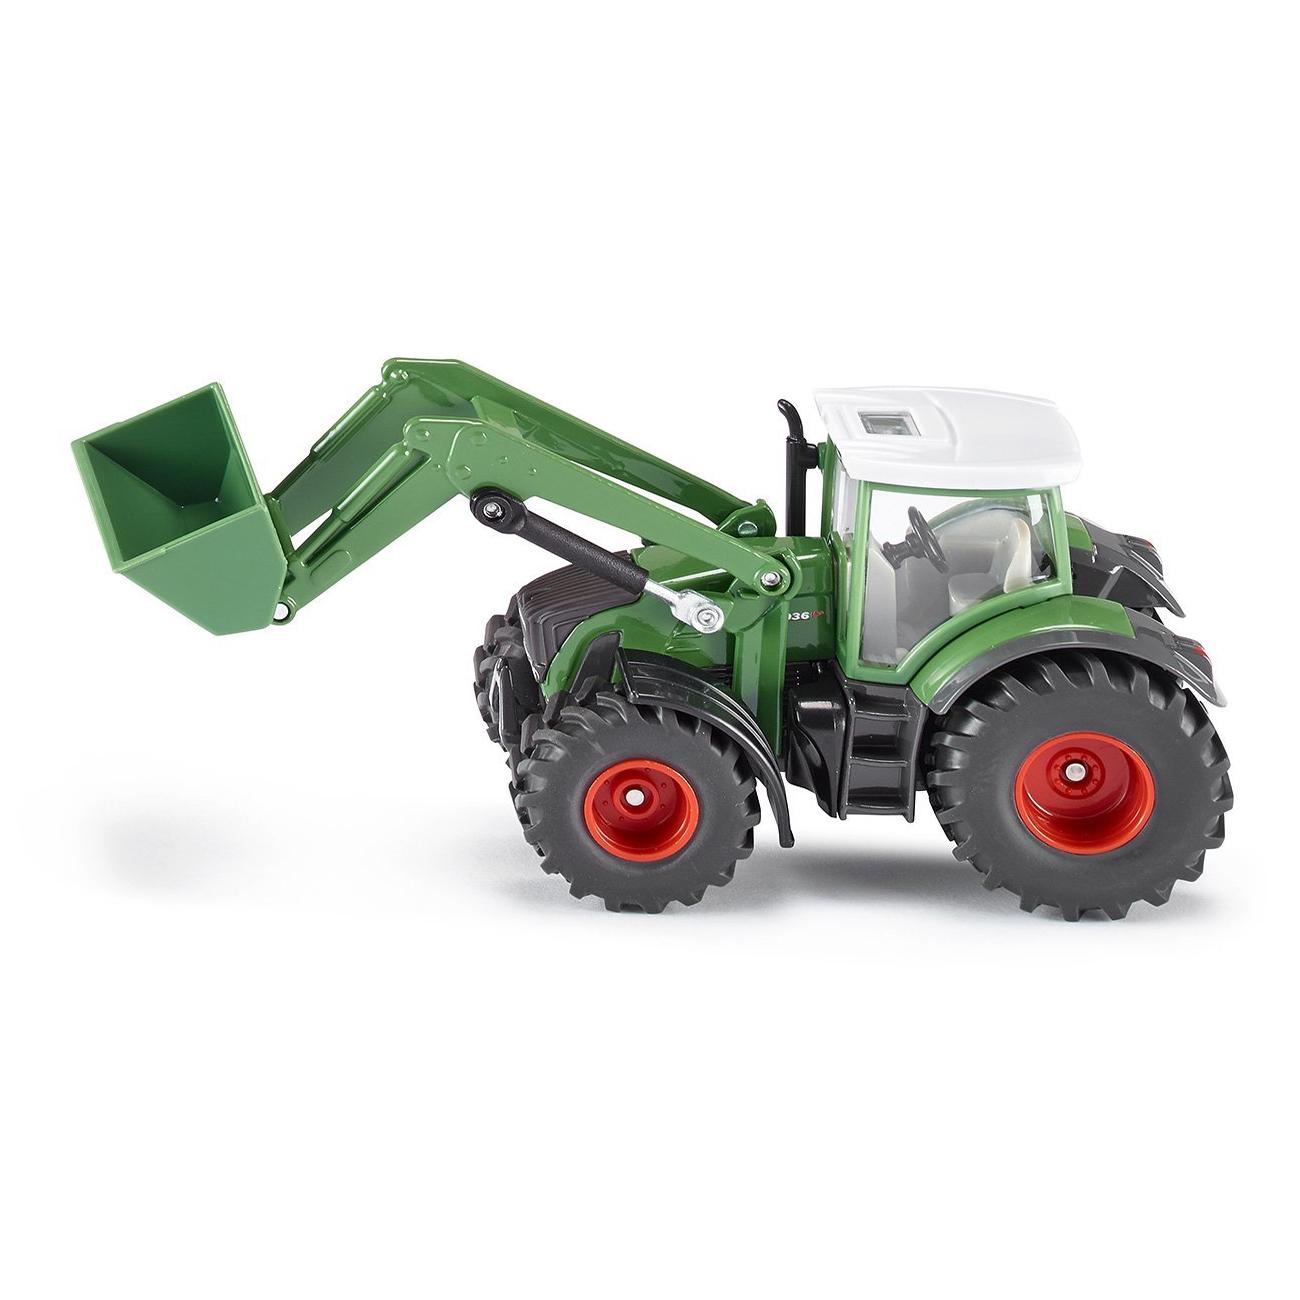 Купить Трактор Fendt 936 с ковшом, масштаб 1:50, Siku